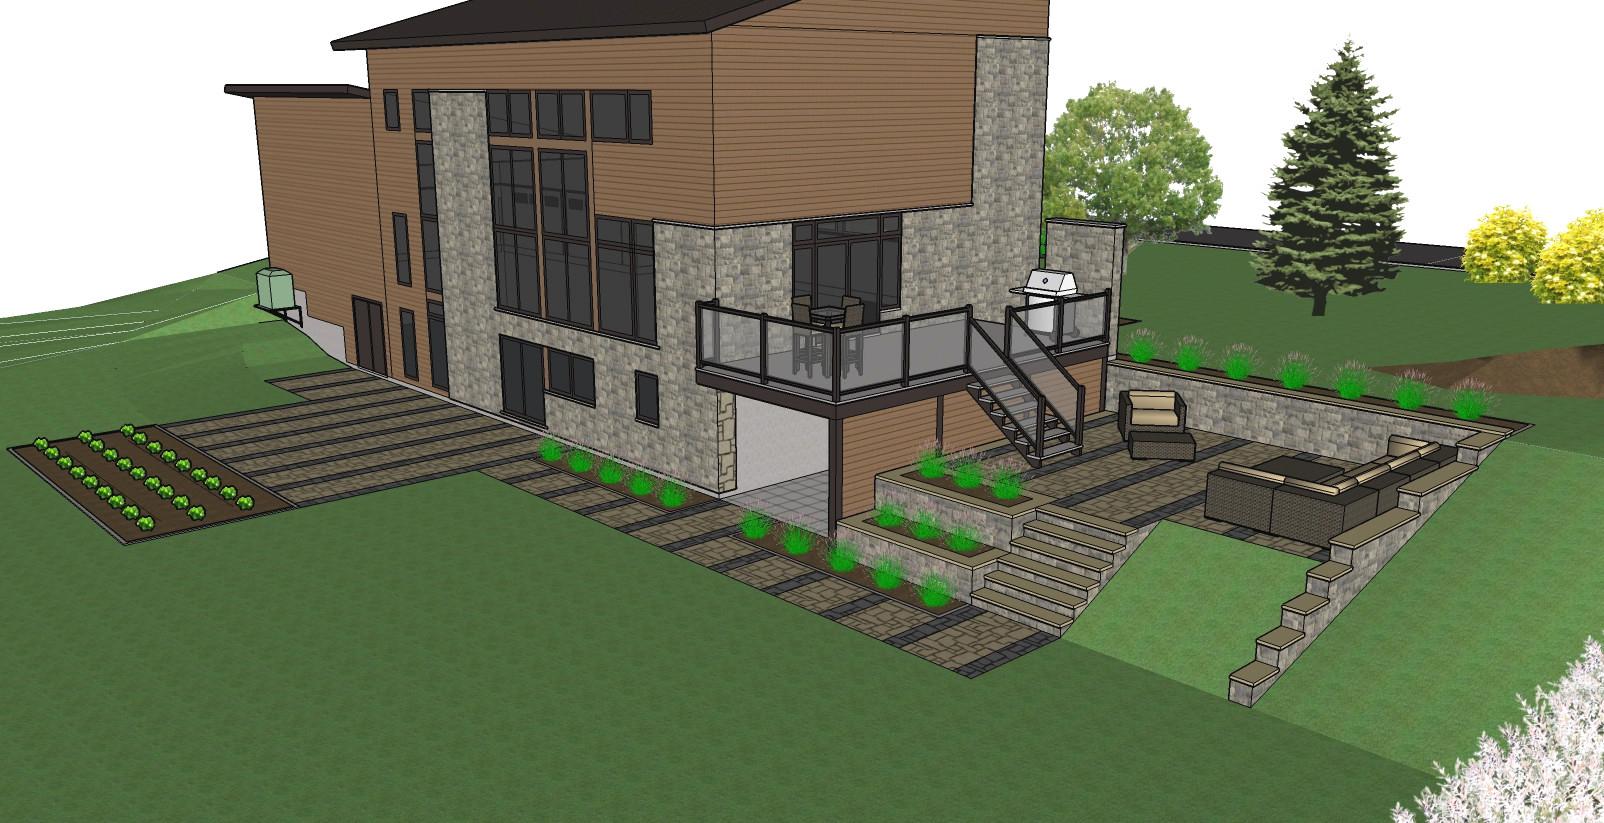 Meilleur Logiciel 3D Maison Gratuit En Ligne Plan De avec Logiciel Plan De Jardin